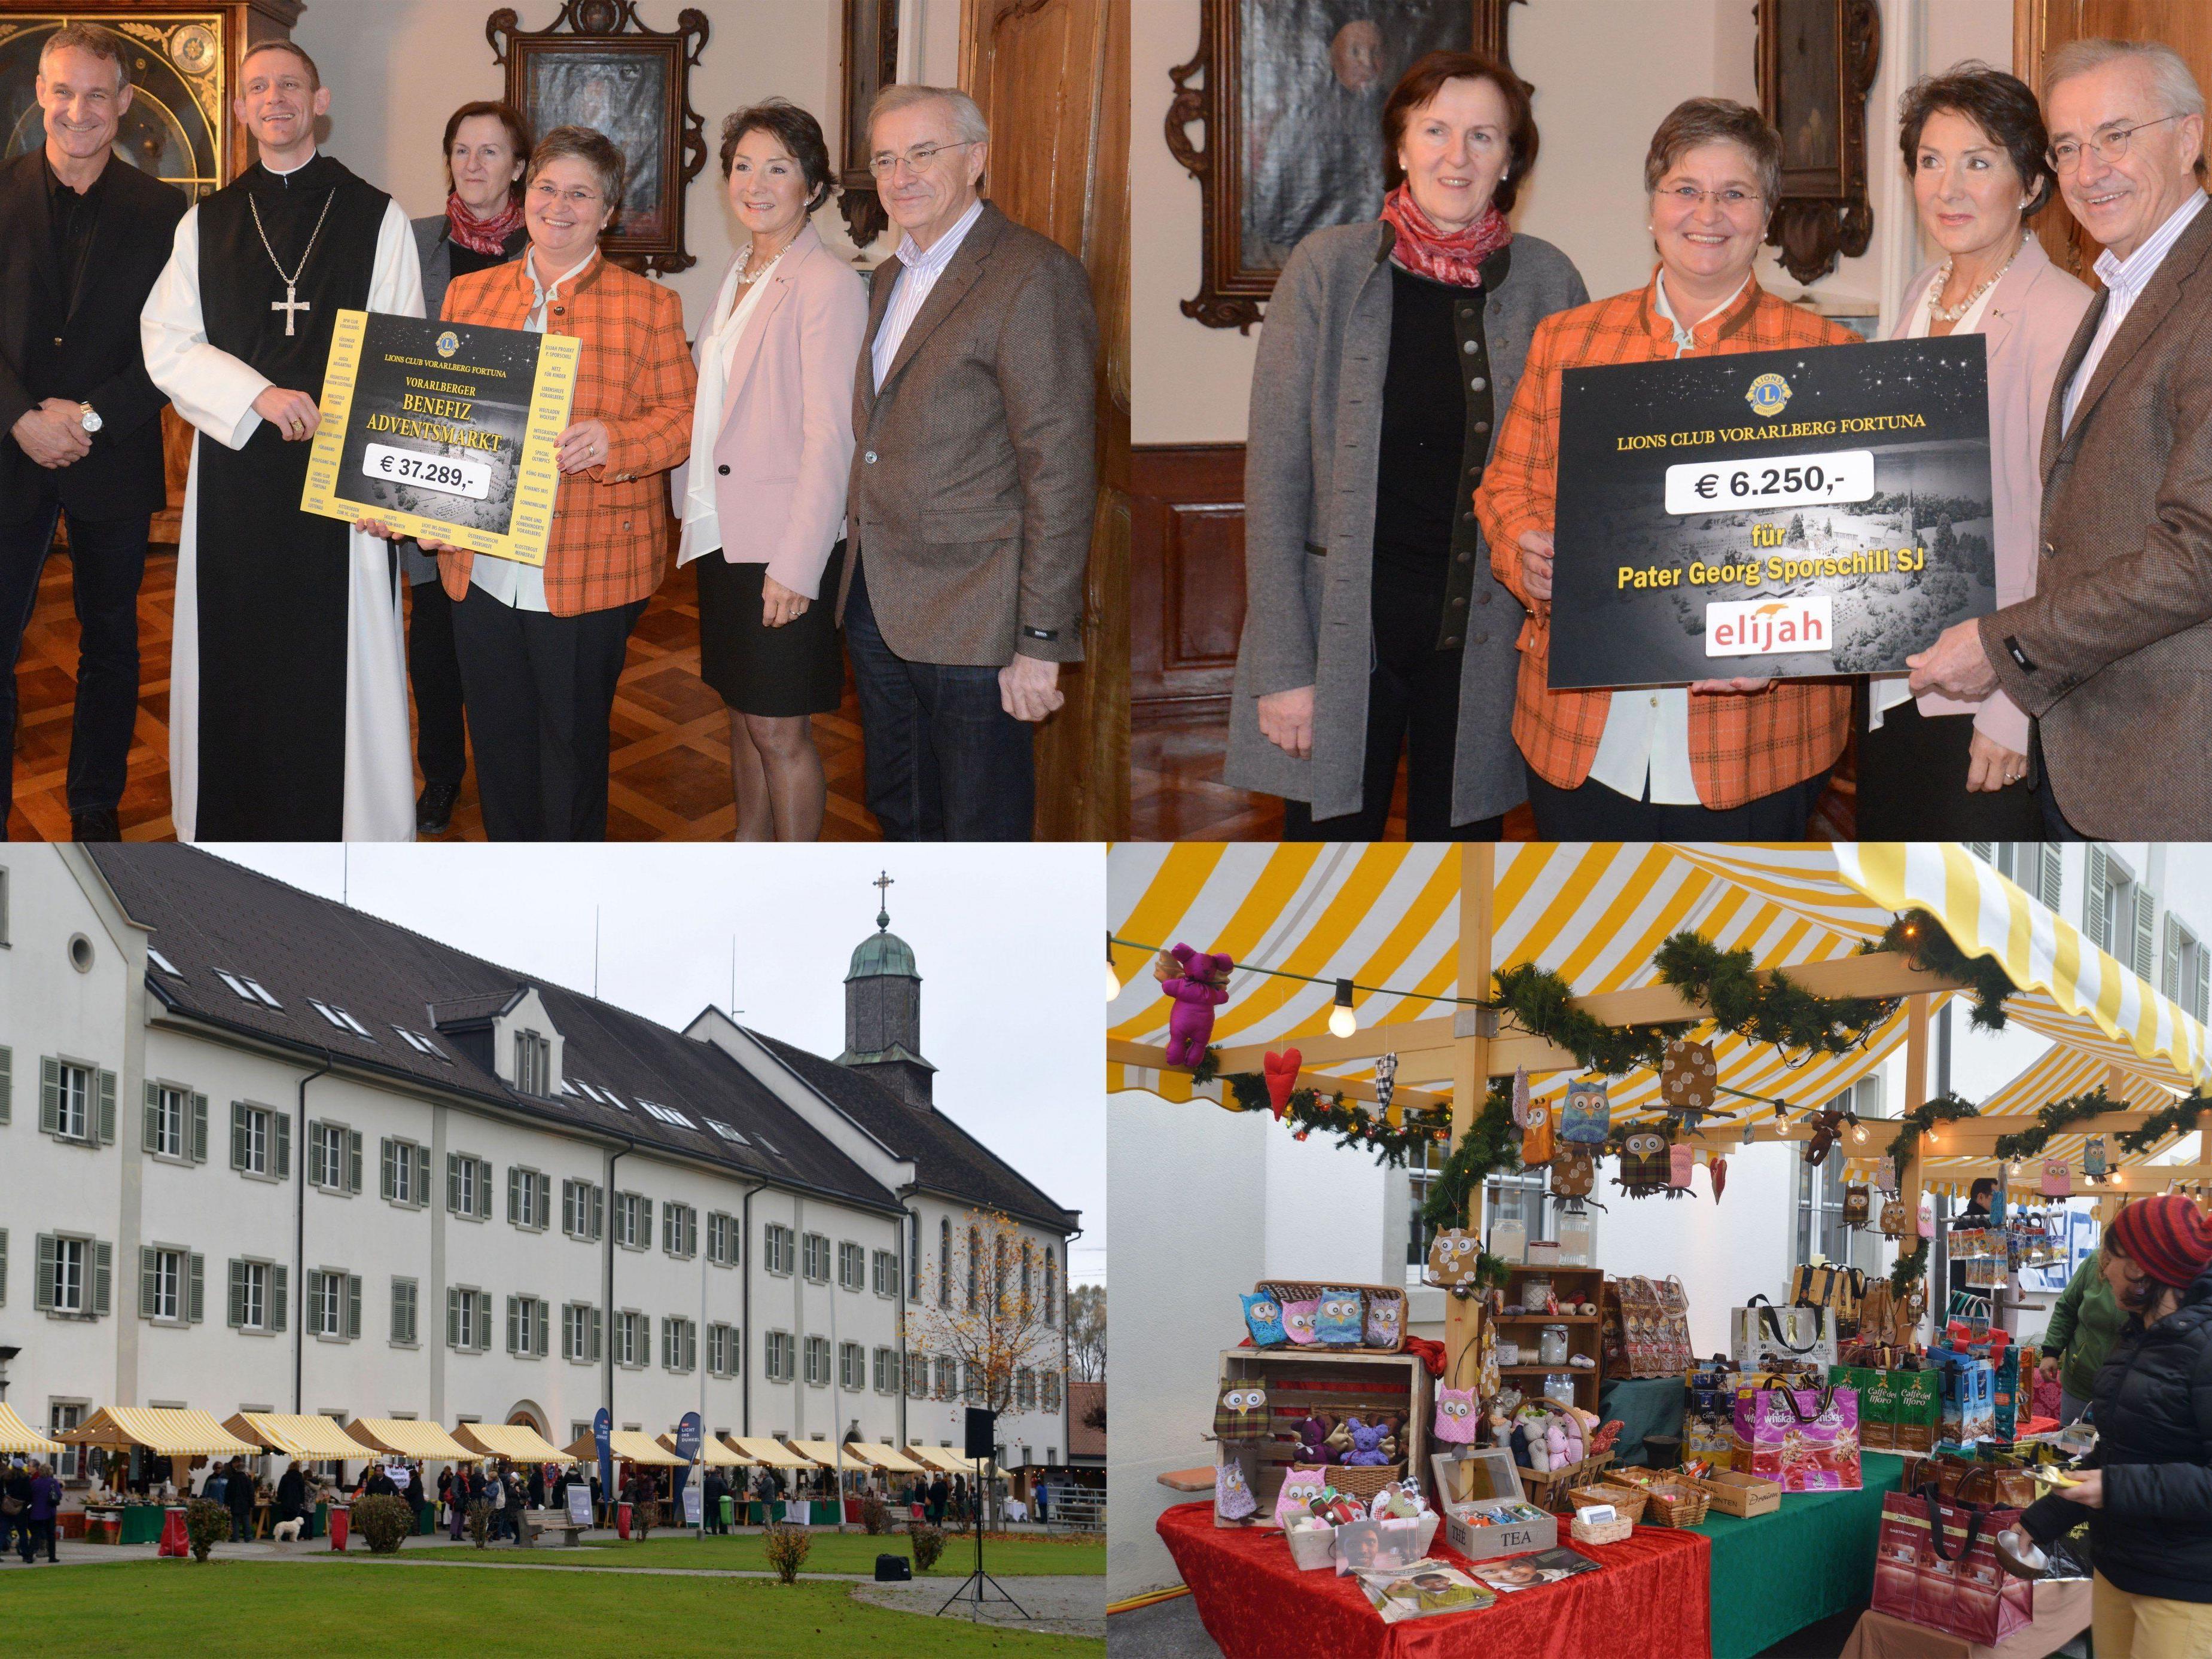 Spendenrekord beim Mehrerauer Benefiz-Advenmarkt des Lions Club Vorarlberg Fortuna.